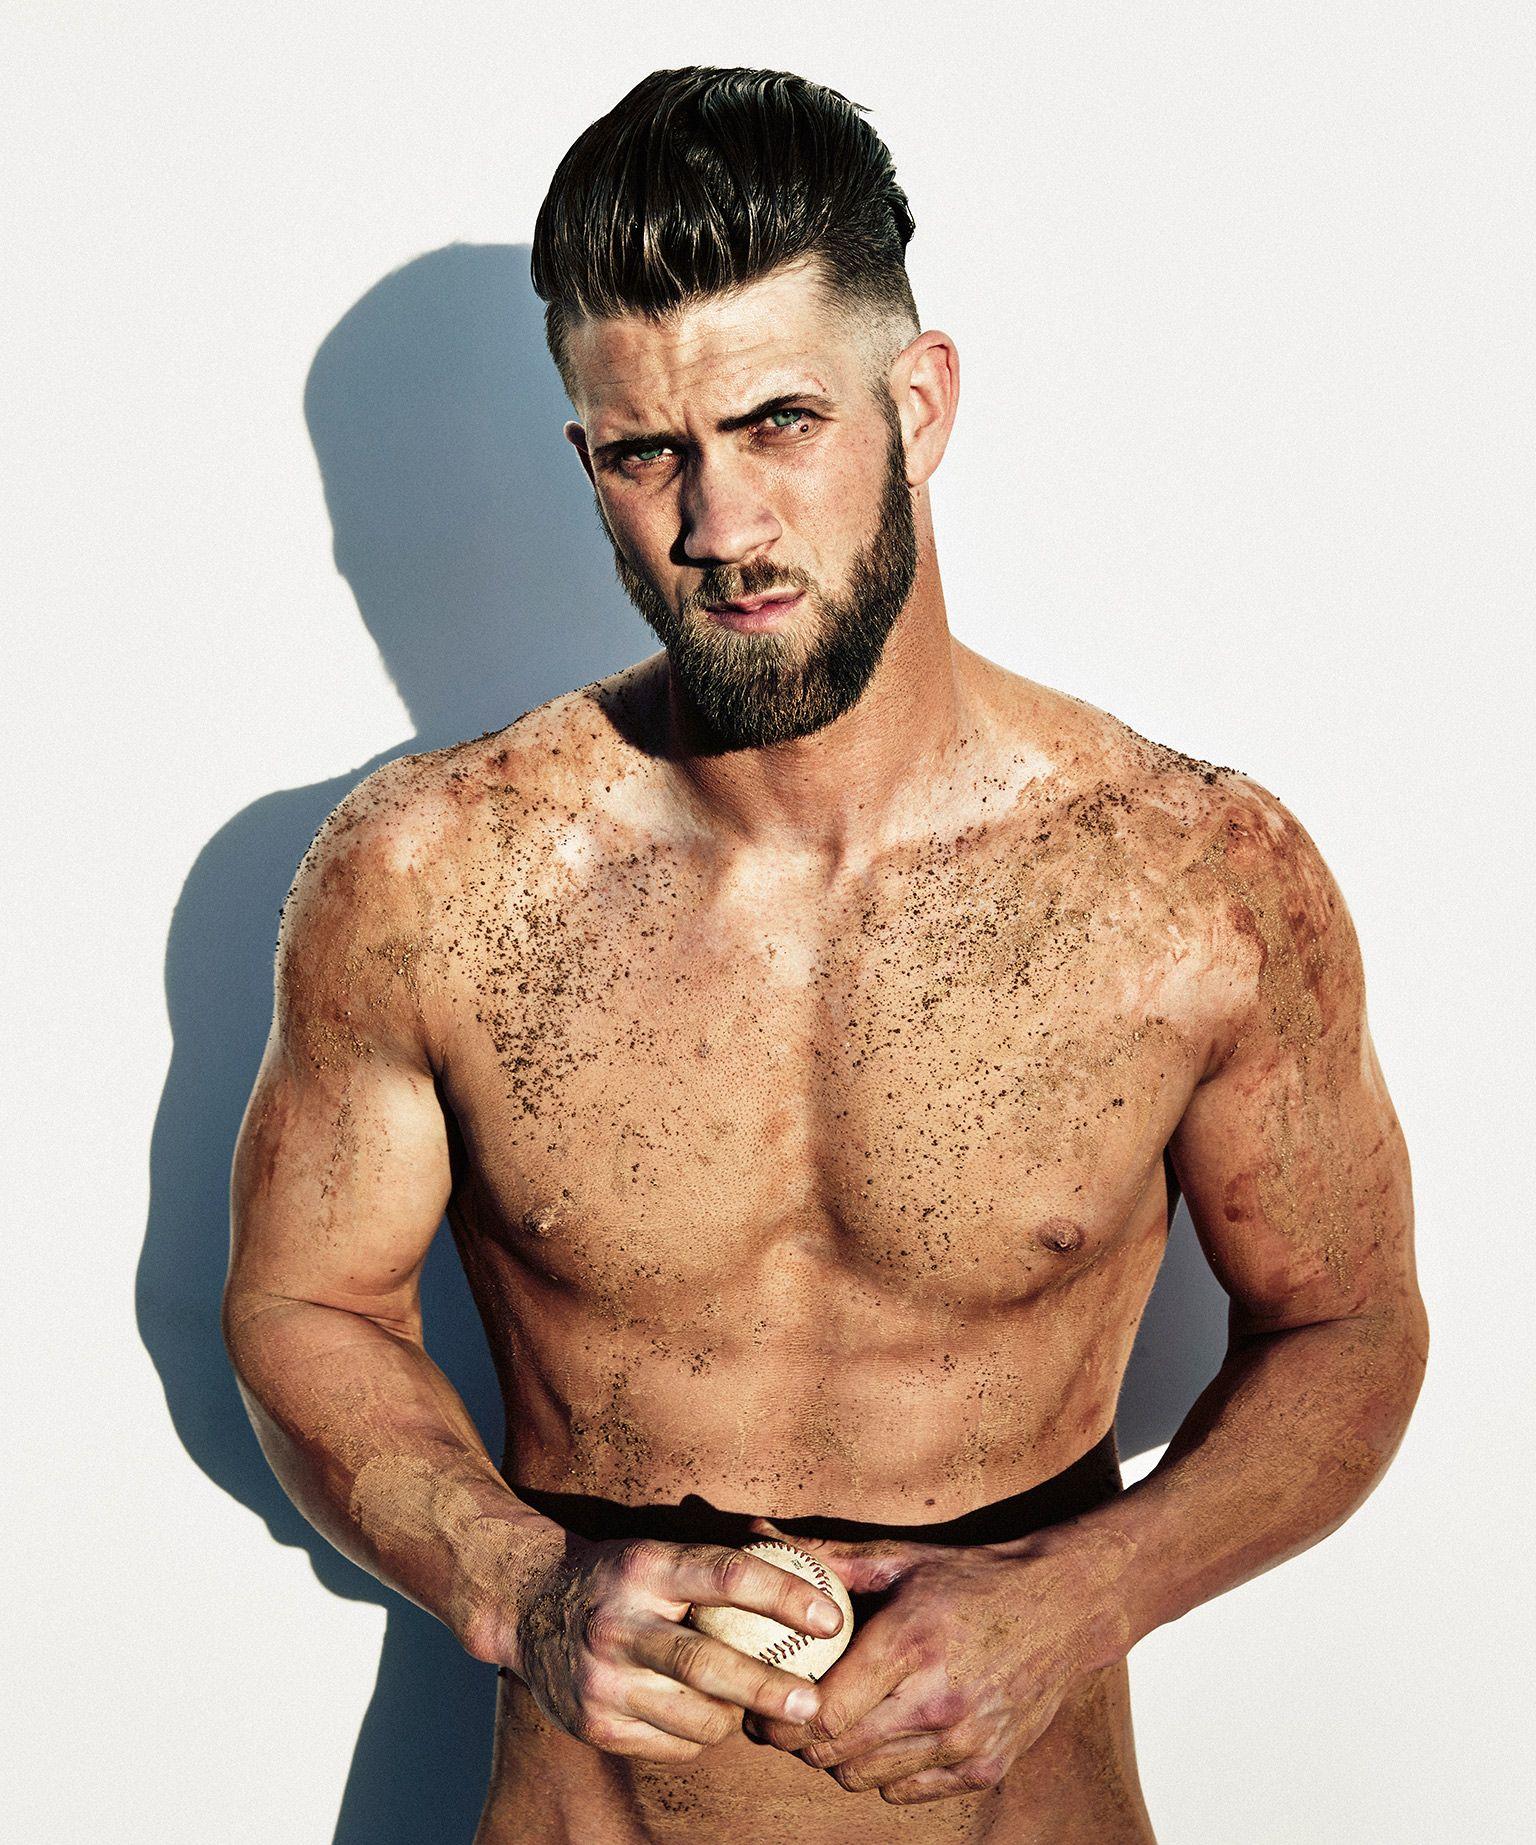 Necessary the Hombre peludo desnudo 2018 think